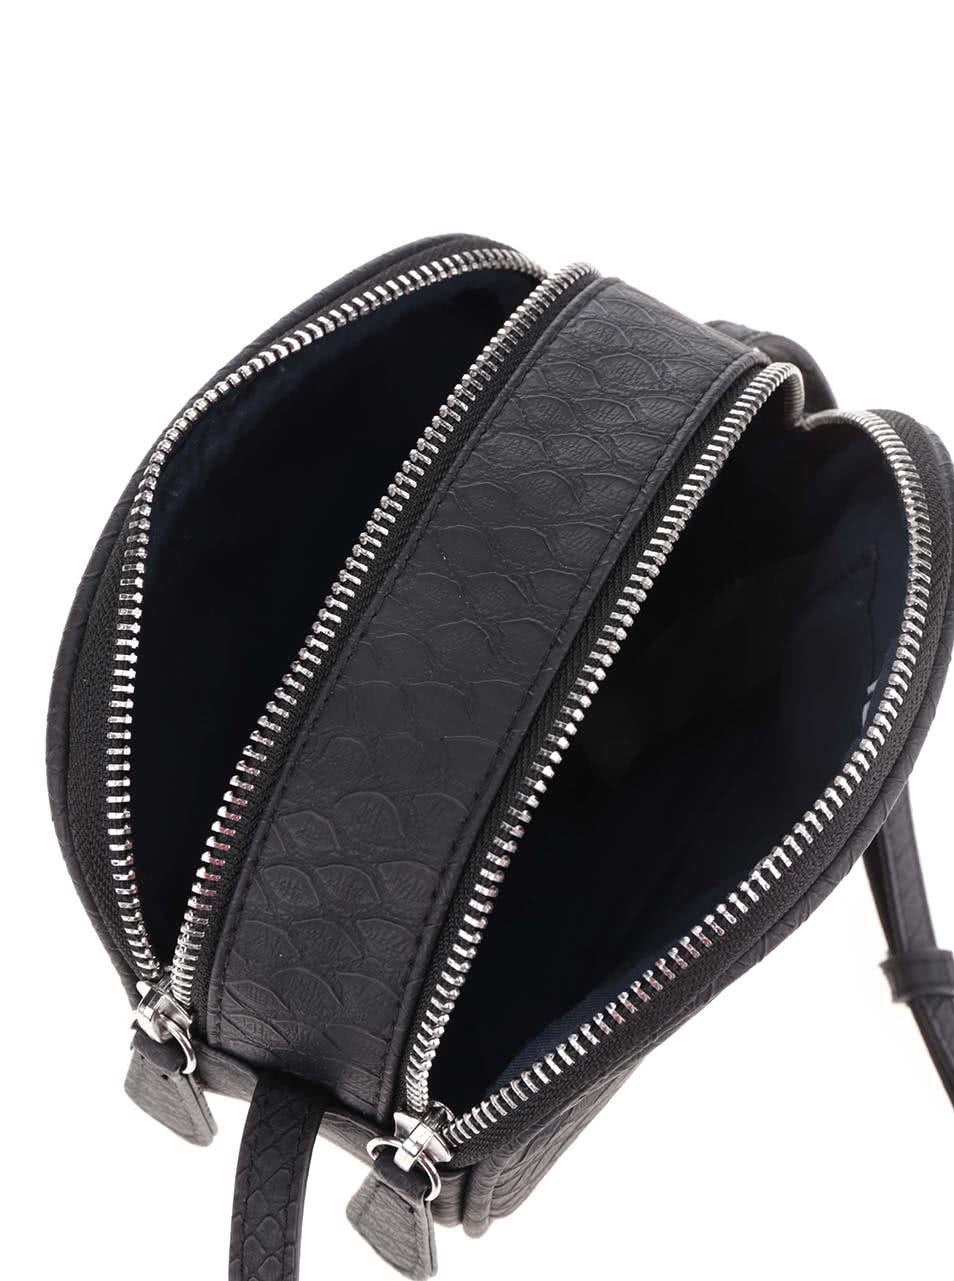 Čierna crossbody kabelka s jemným vzorom Pieces Larissa ... 20d76454805